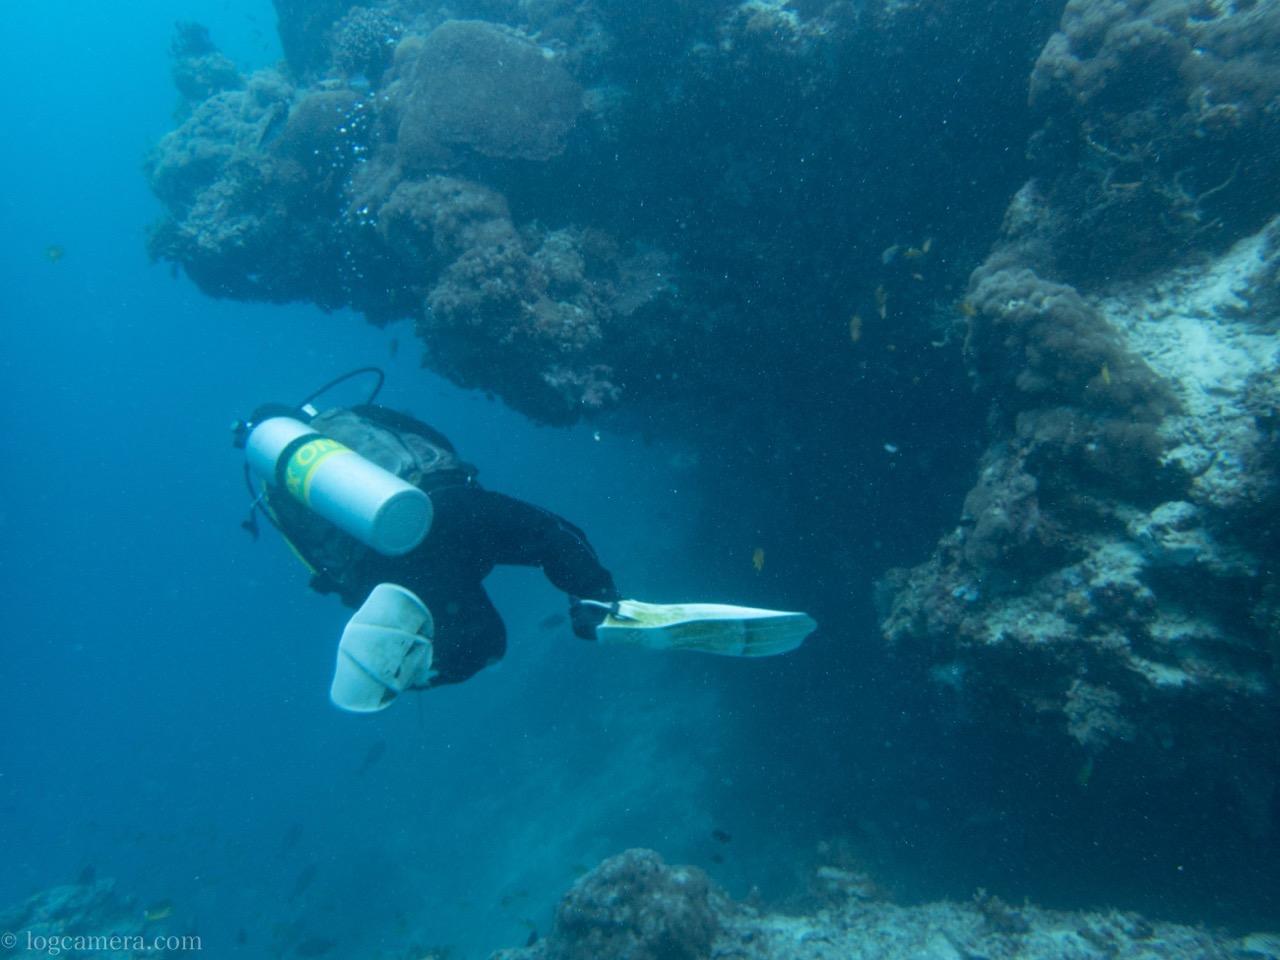 セブ島 スミロン島 ダイビング